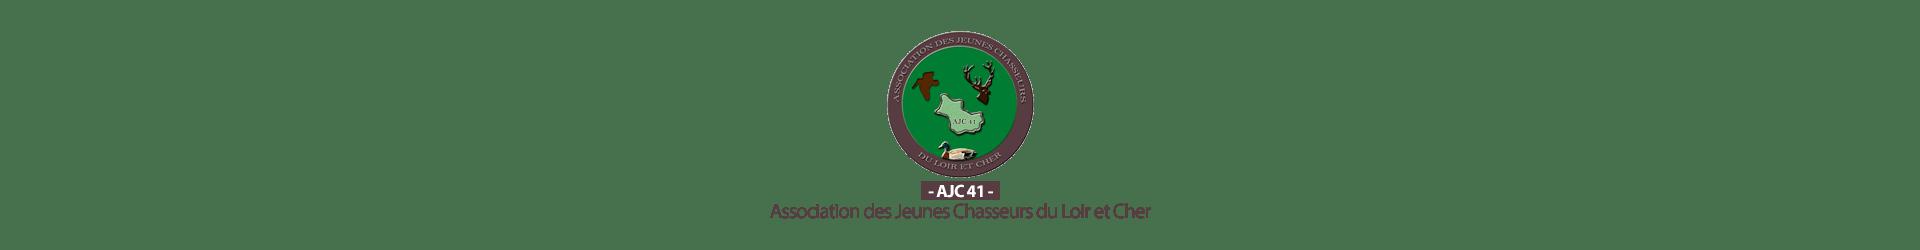 AJC 41